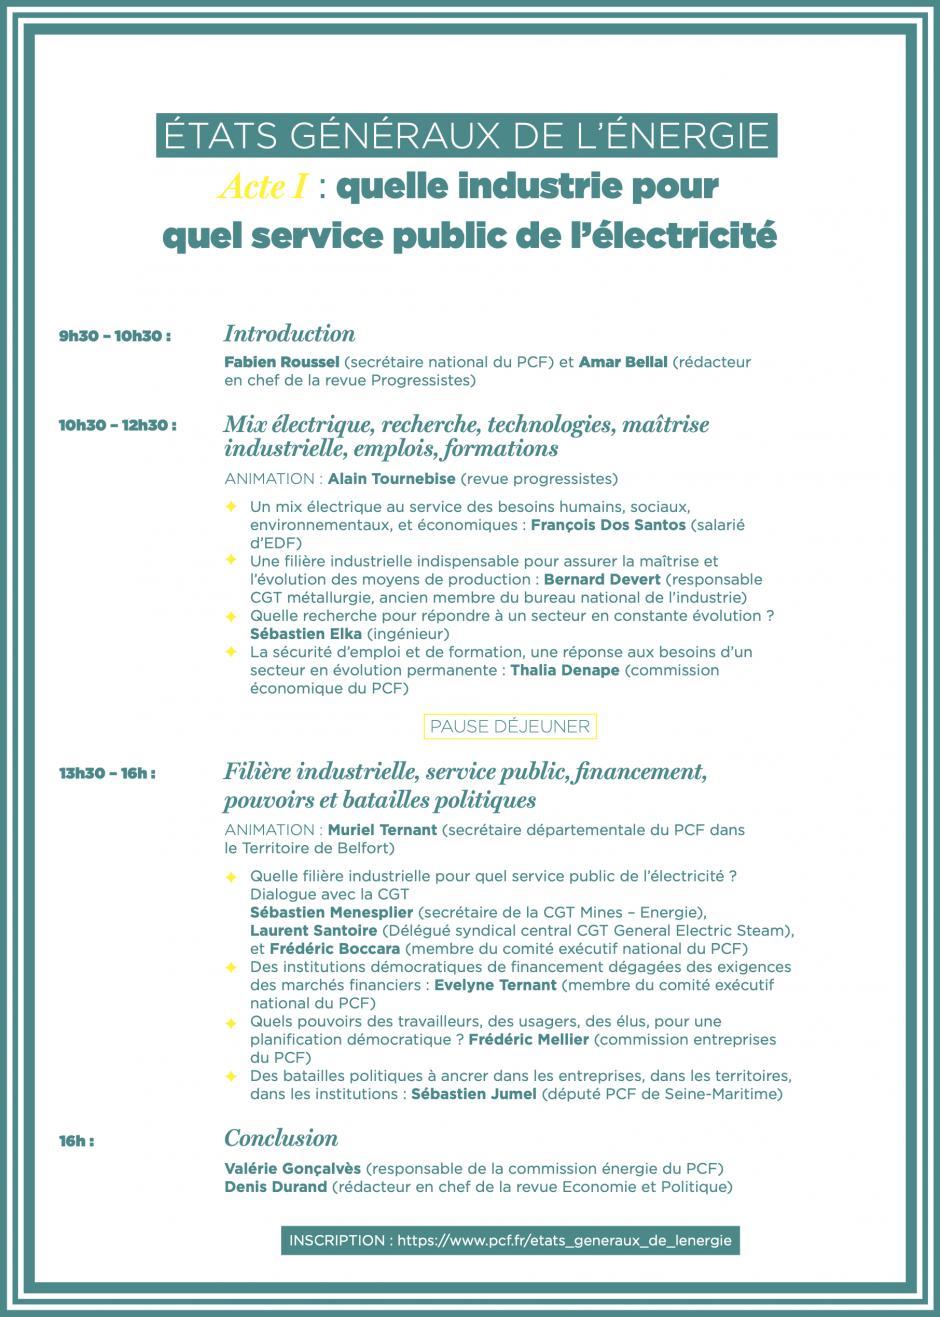 États généraux de l'Énergie - Acte I : « Quelle industrie pour quel service public de l'énergie ? »-Programme